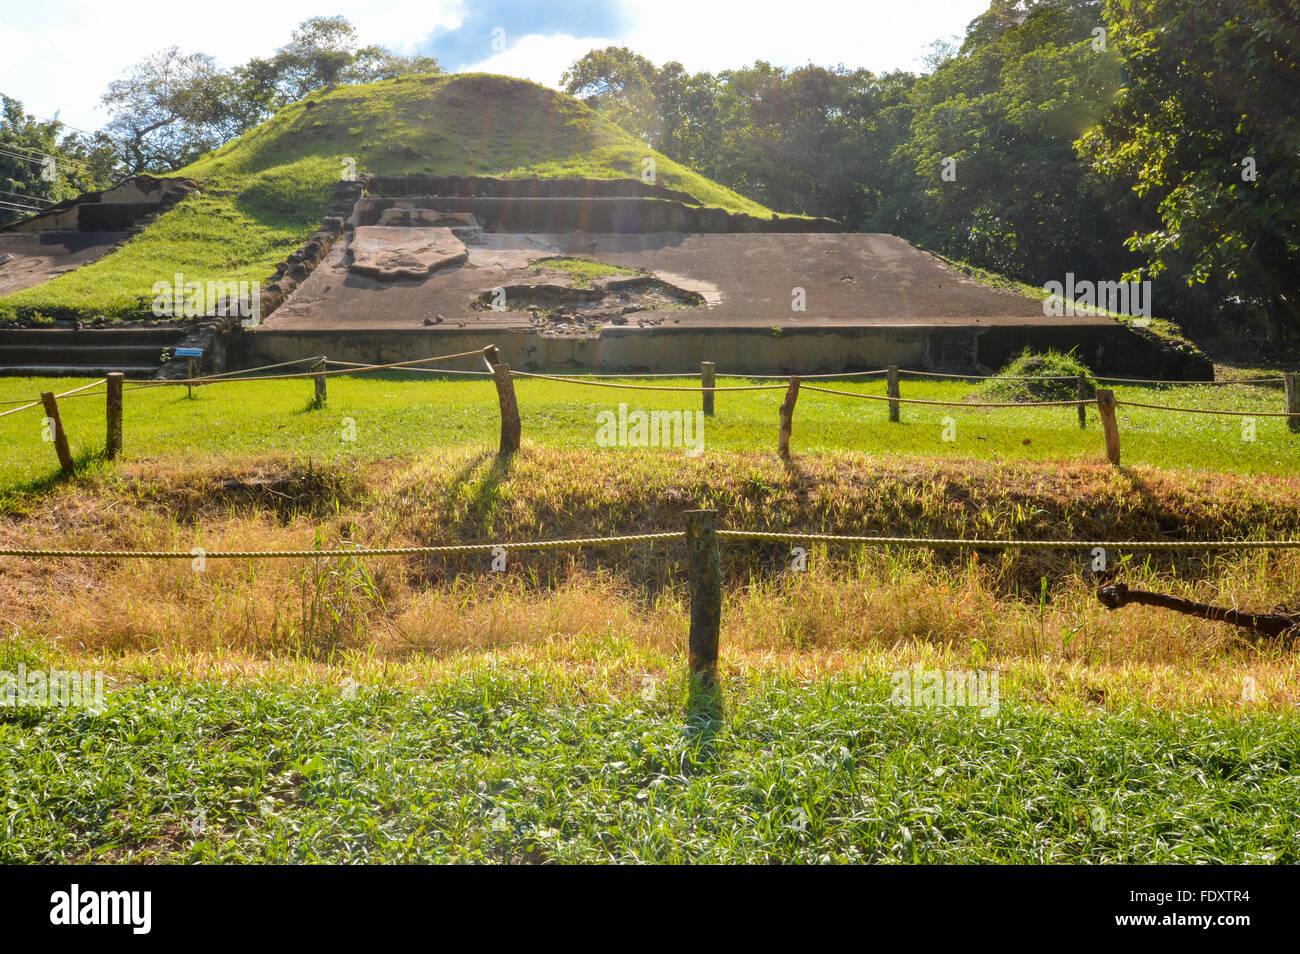 Casa Blanca archaeological site of Maya civilization in El Salvador - Stock Image